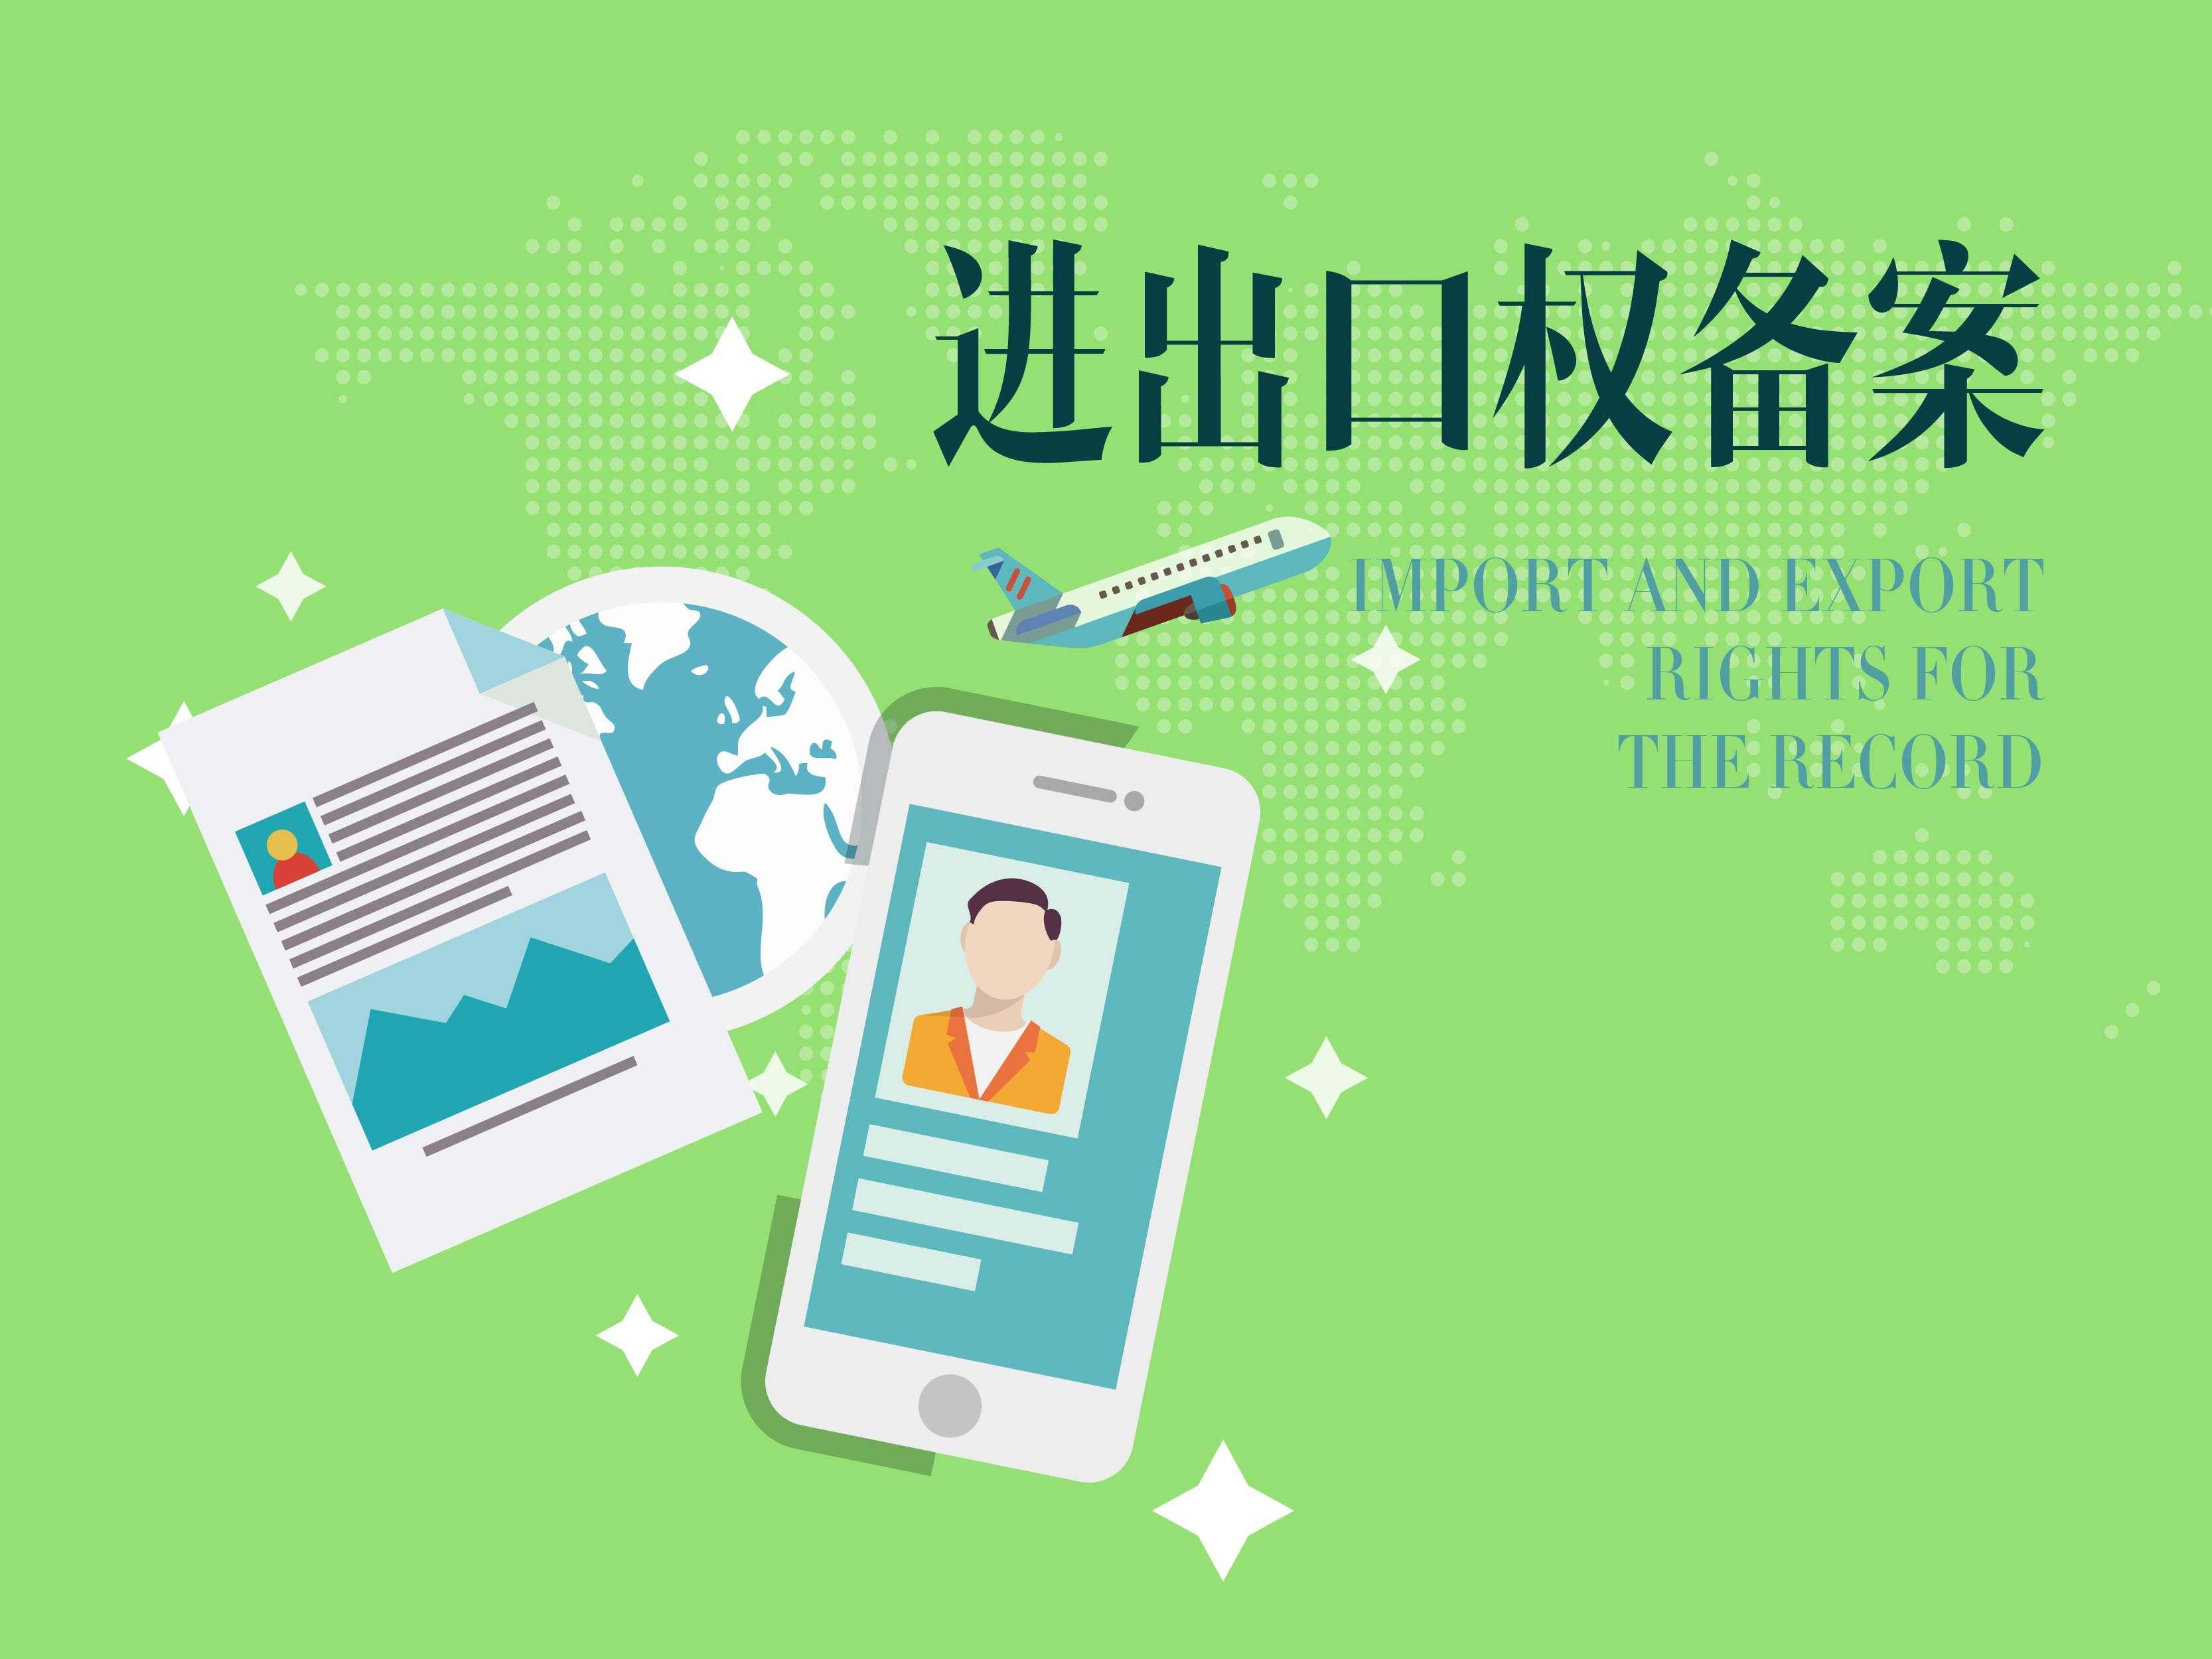 2017年深圳公司怎样申请进出口经营权